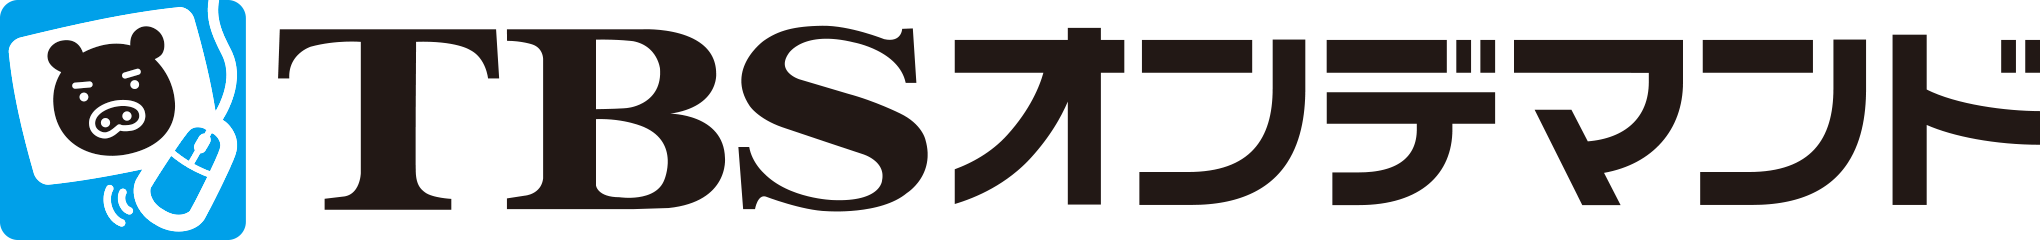 TBSオンデマンドTOPページ